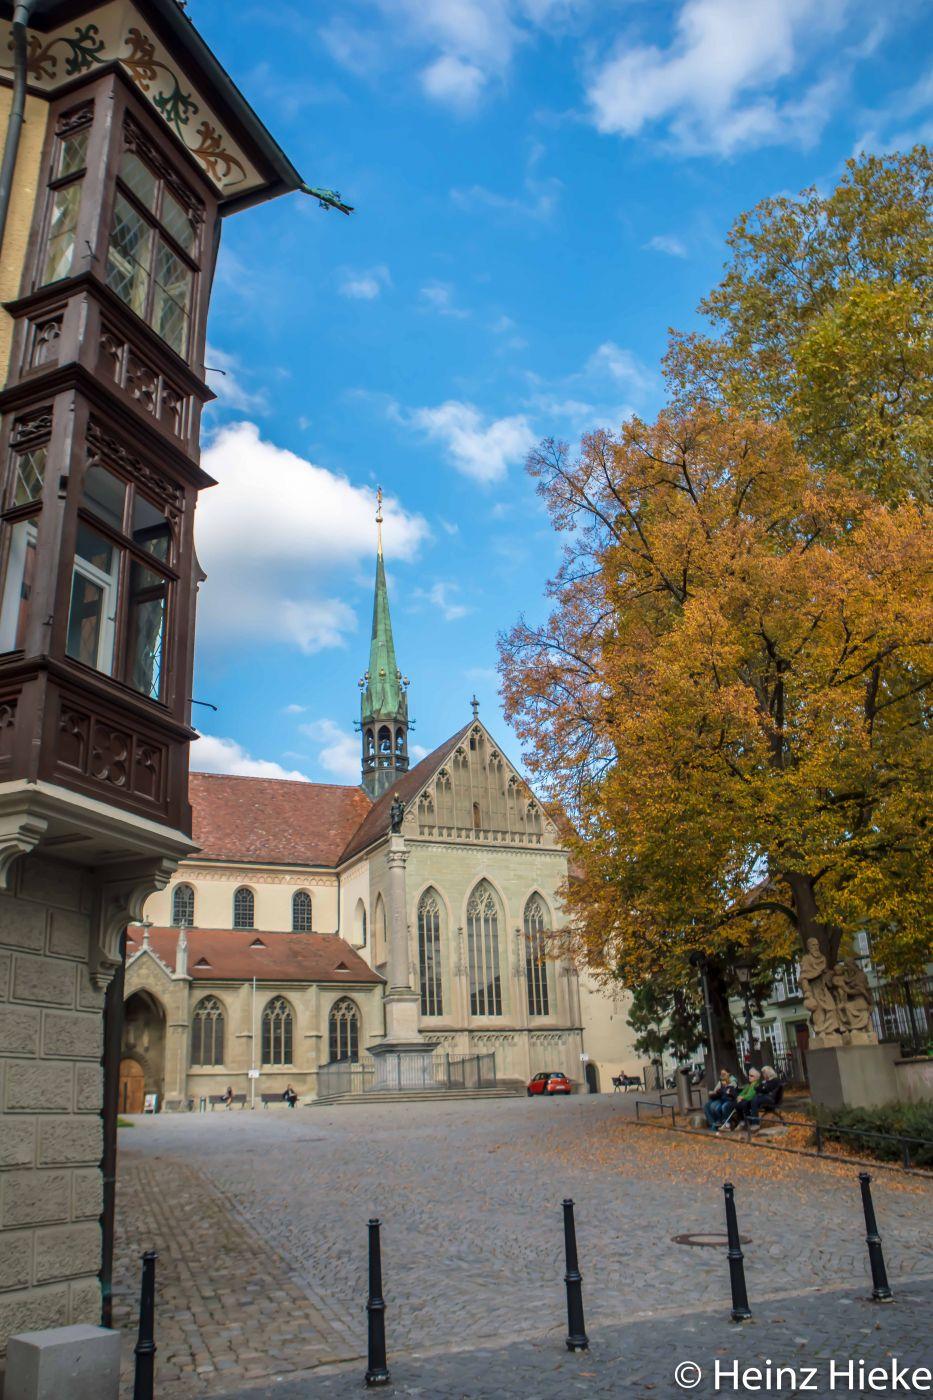 Hofhalde, Germany